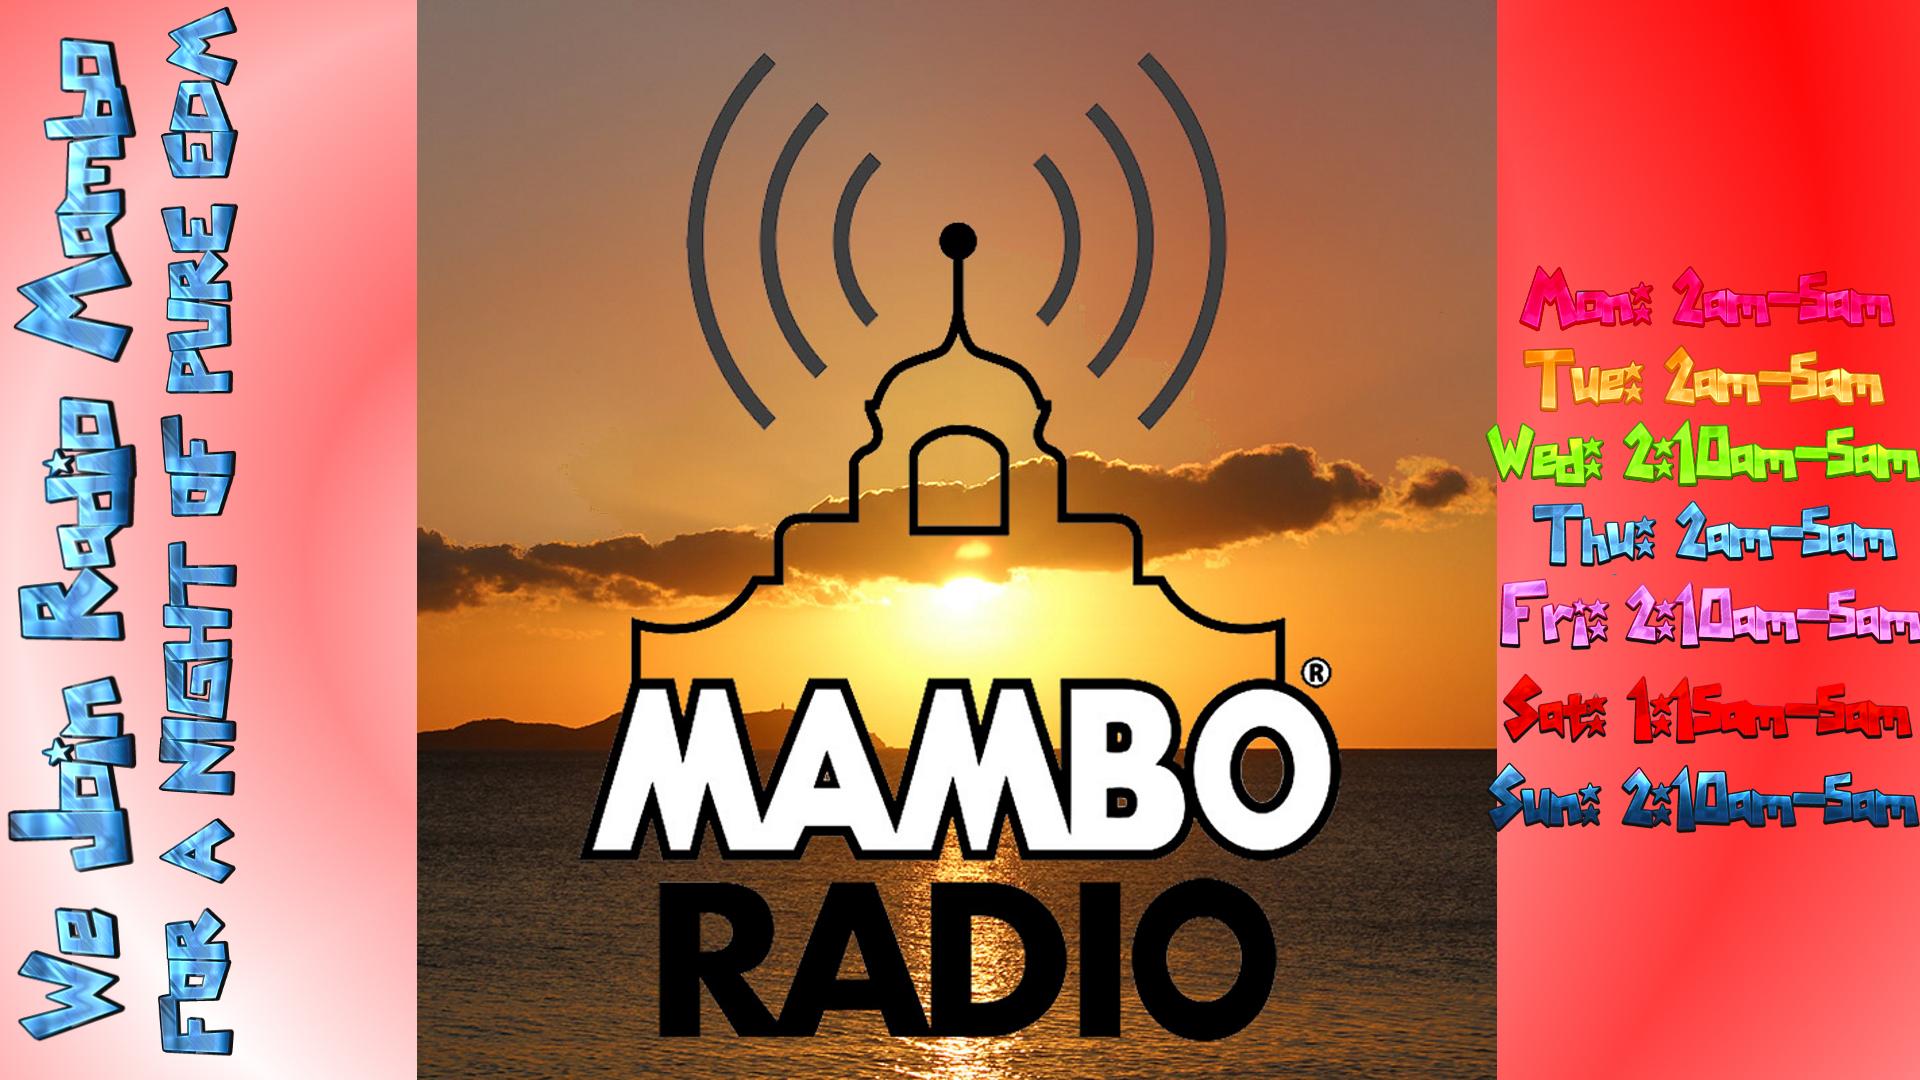 As Mambo Radio